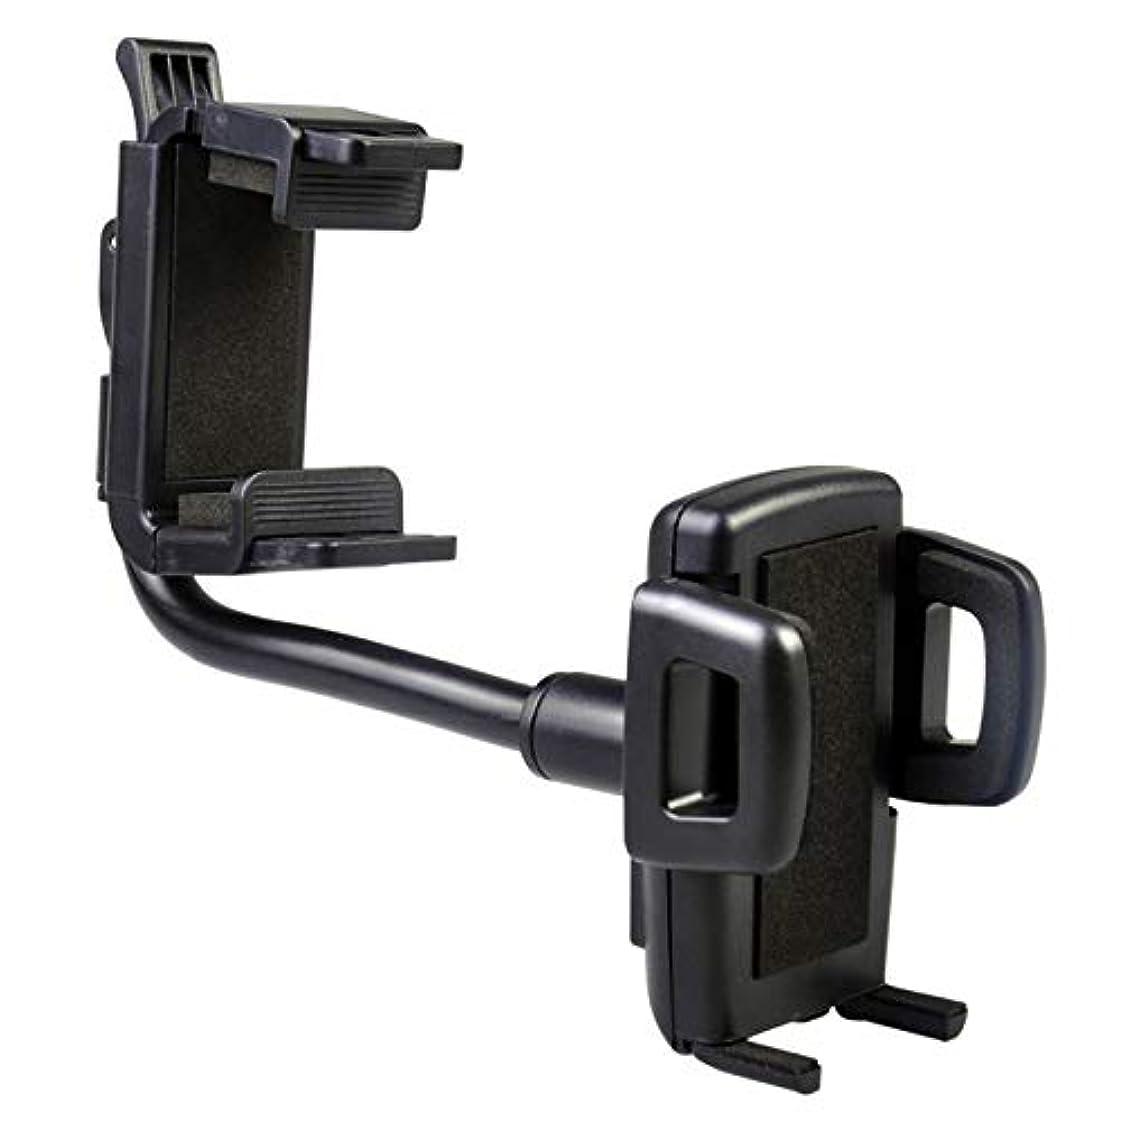 笑買い手抵抗力があるJicorzo - 車の自動車のバックミラーマウント携帯電話ホルダーブラケットは、iPhoneの携帯電話のGPSのためにサムスンのためにスタンド360度のホルダー